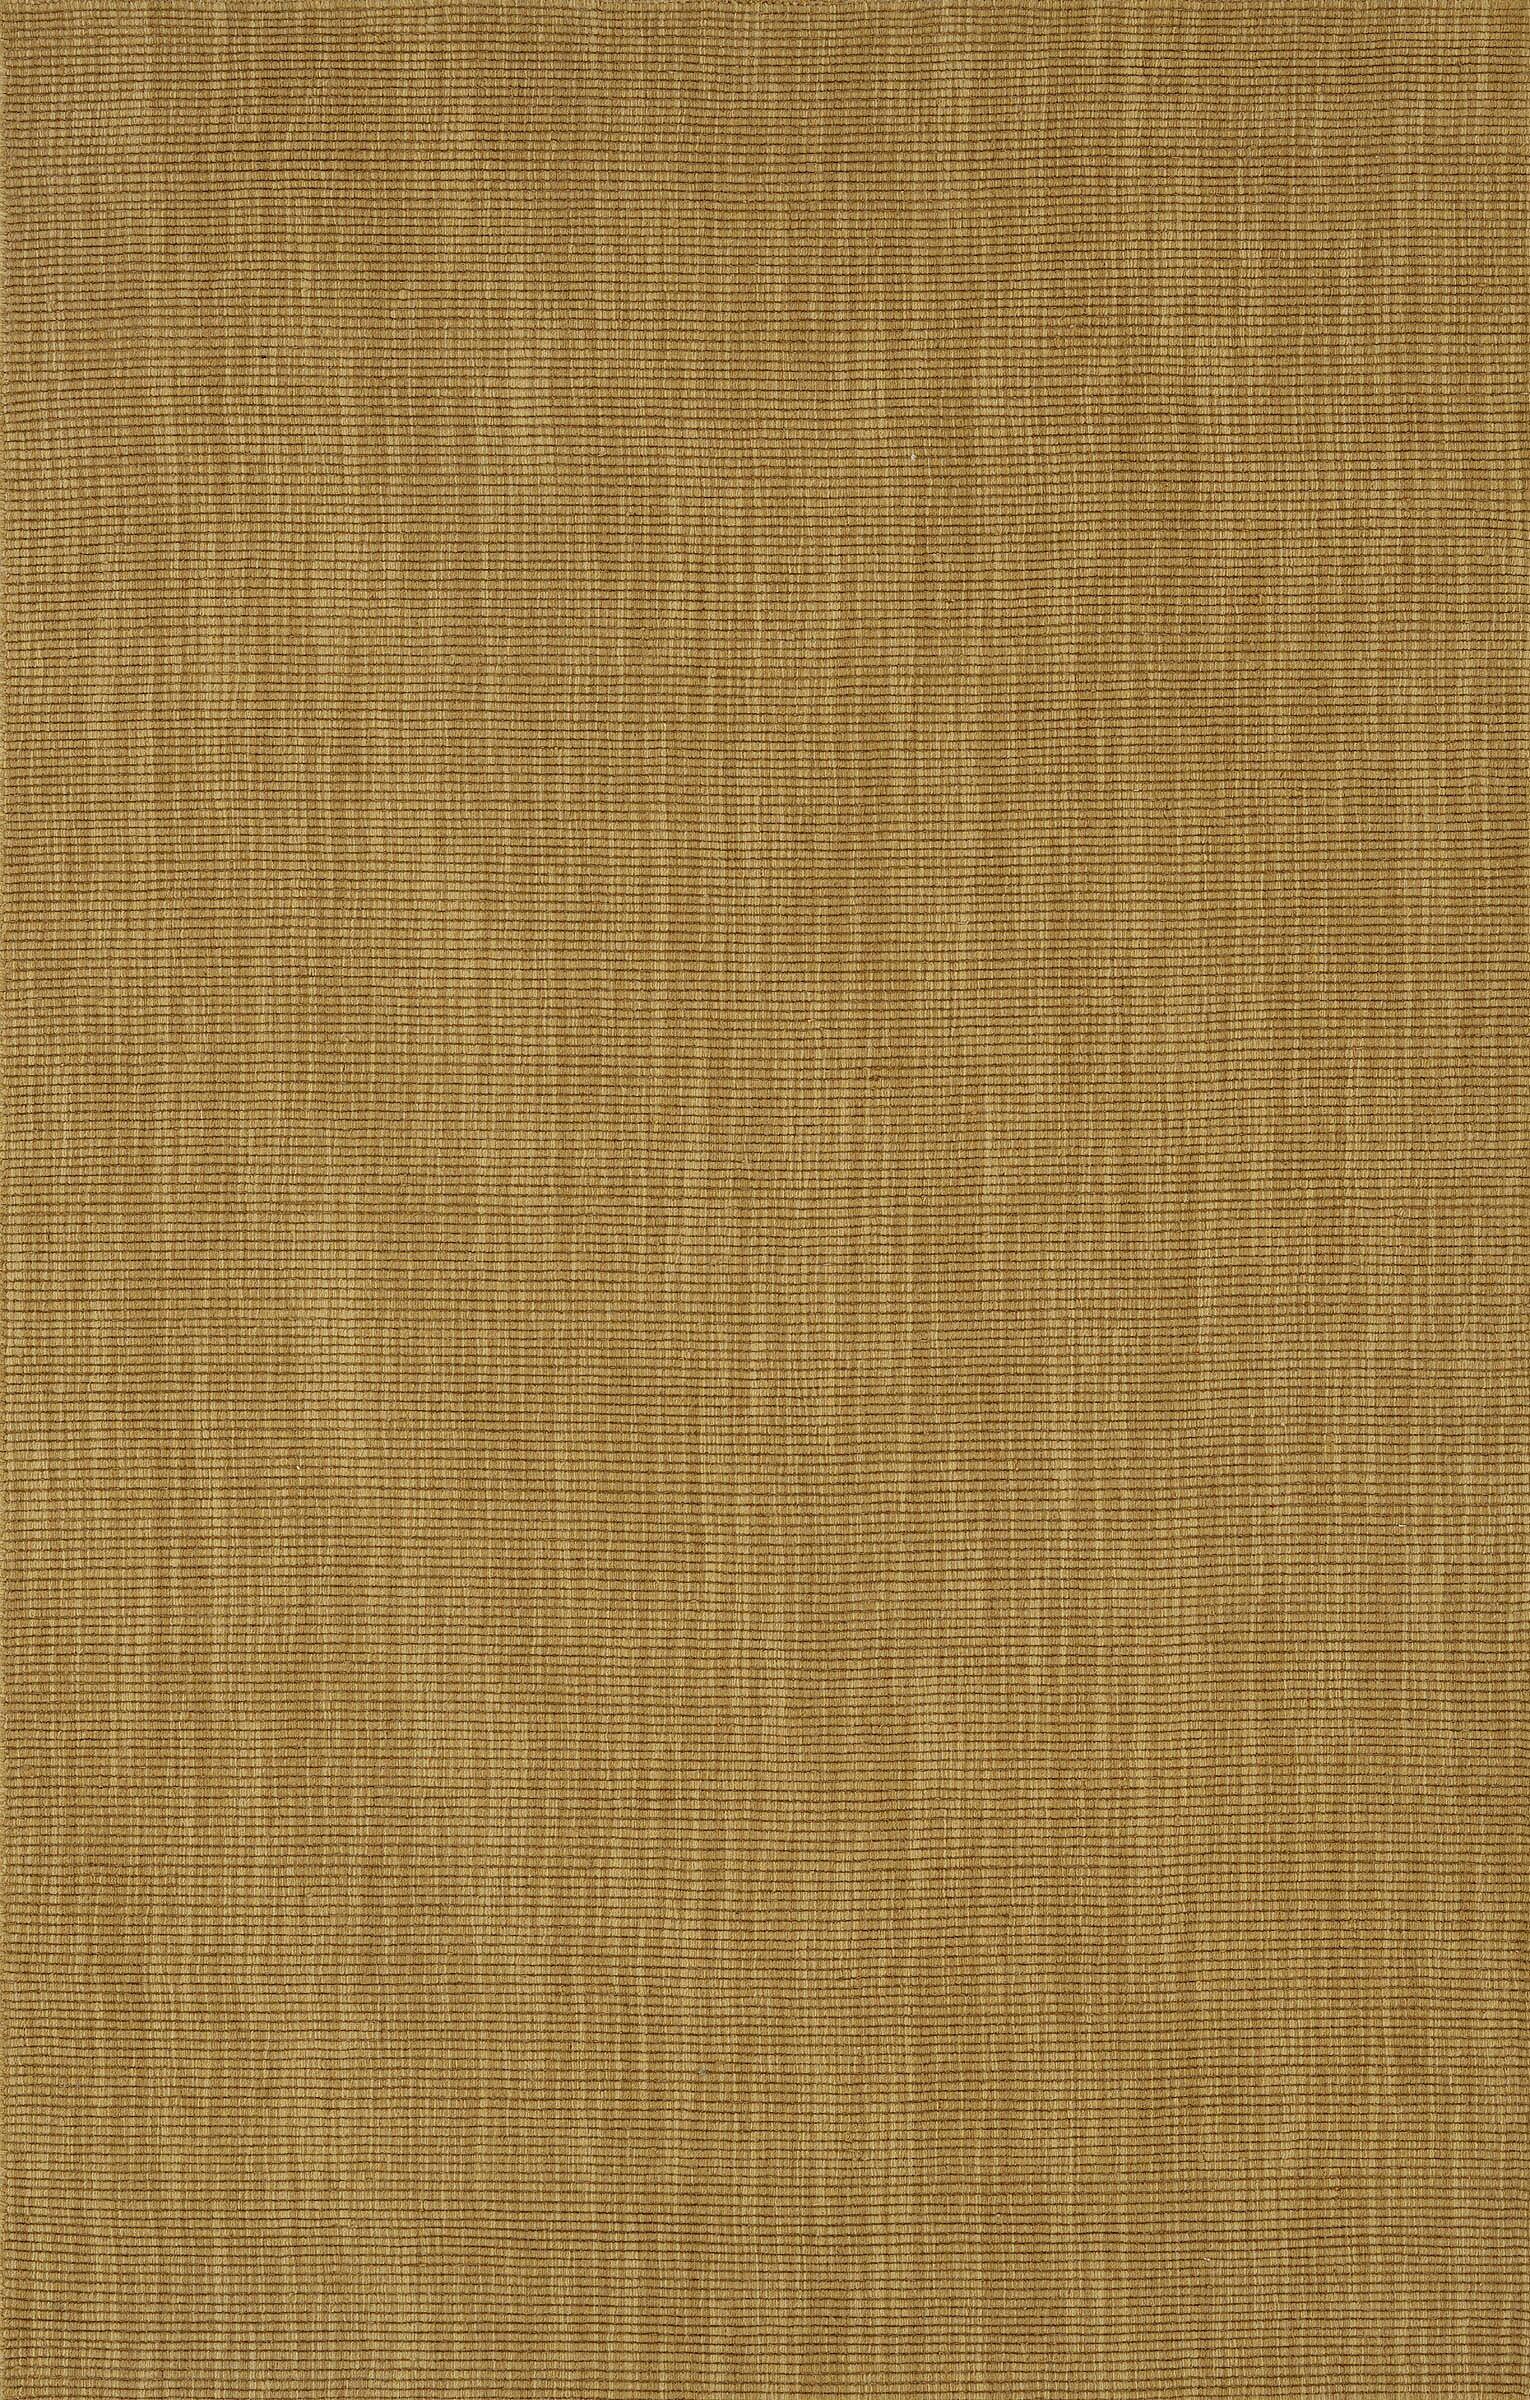 Dionne Gold Solid Rug Rug Size: Runner 2'3